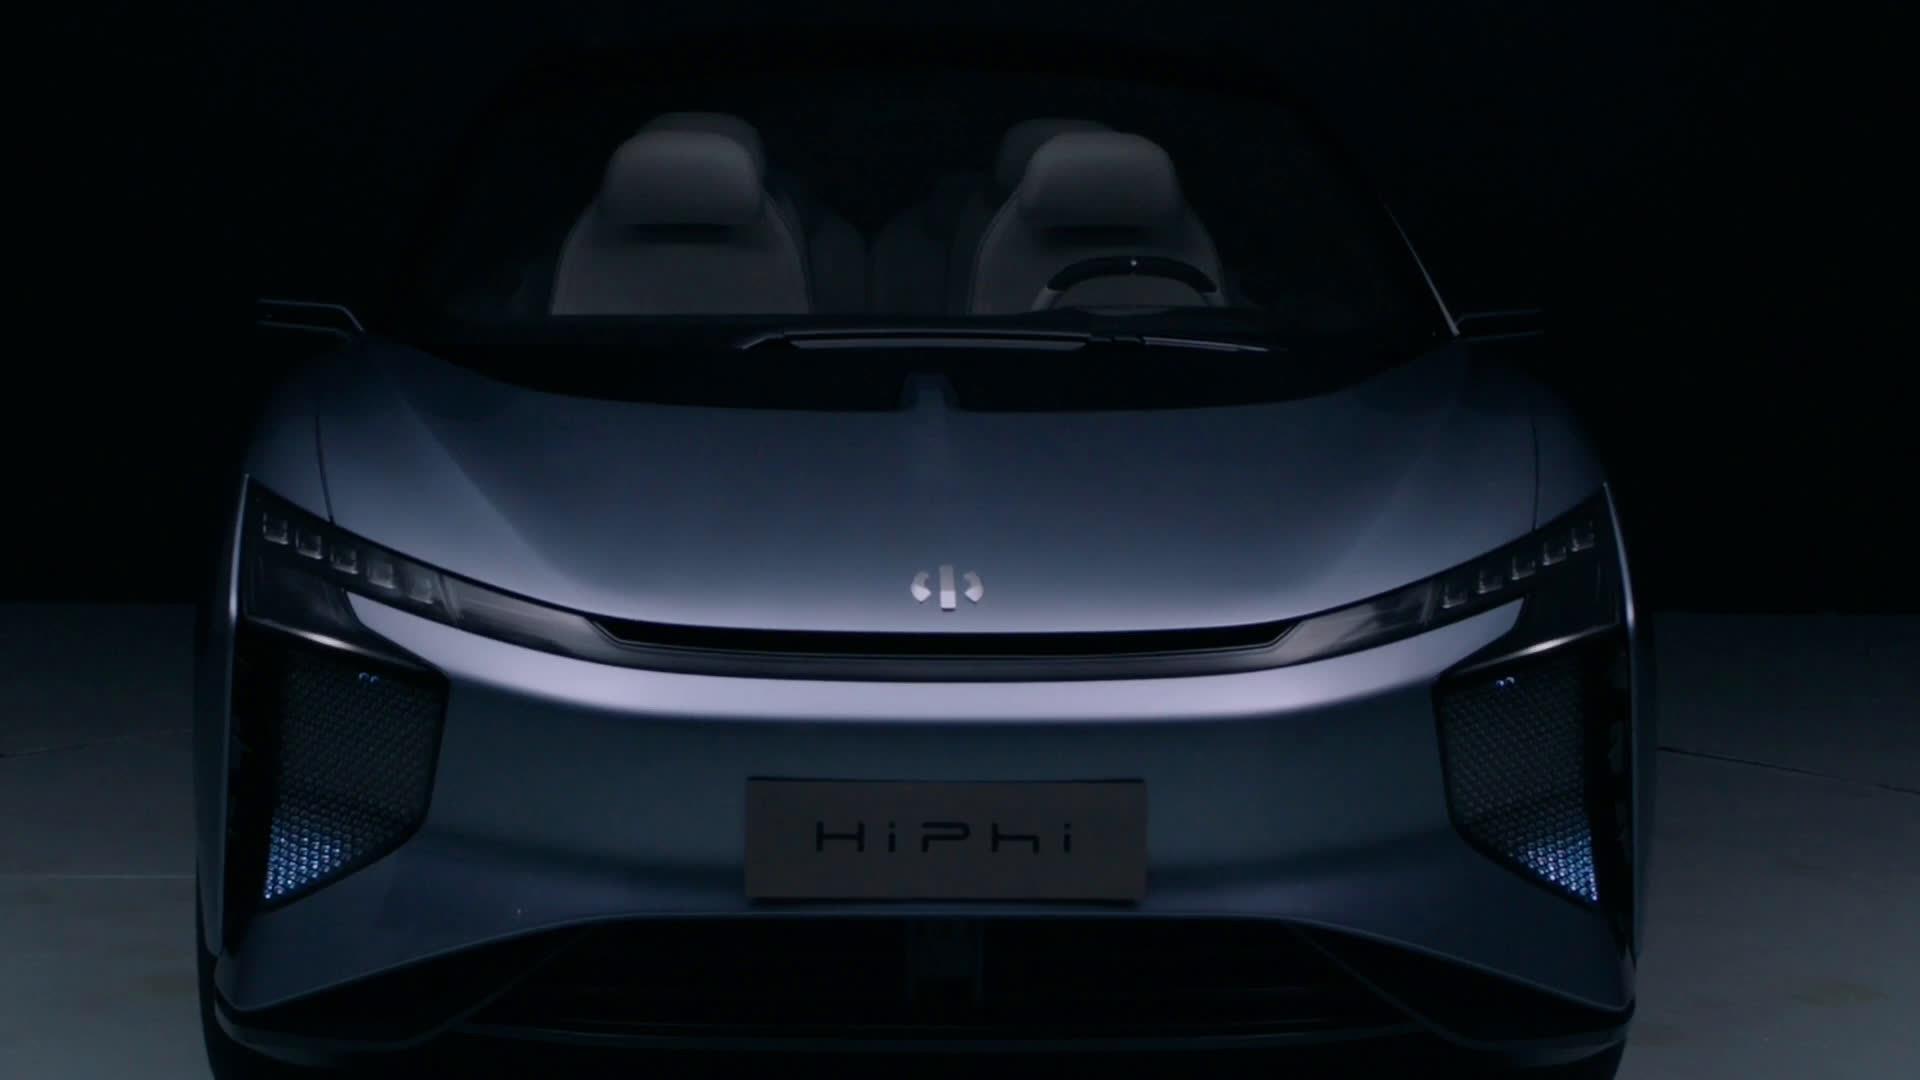 华人运通正式首款量产定型车高合HiPhi 1——超低风阻+超炫大灯